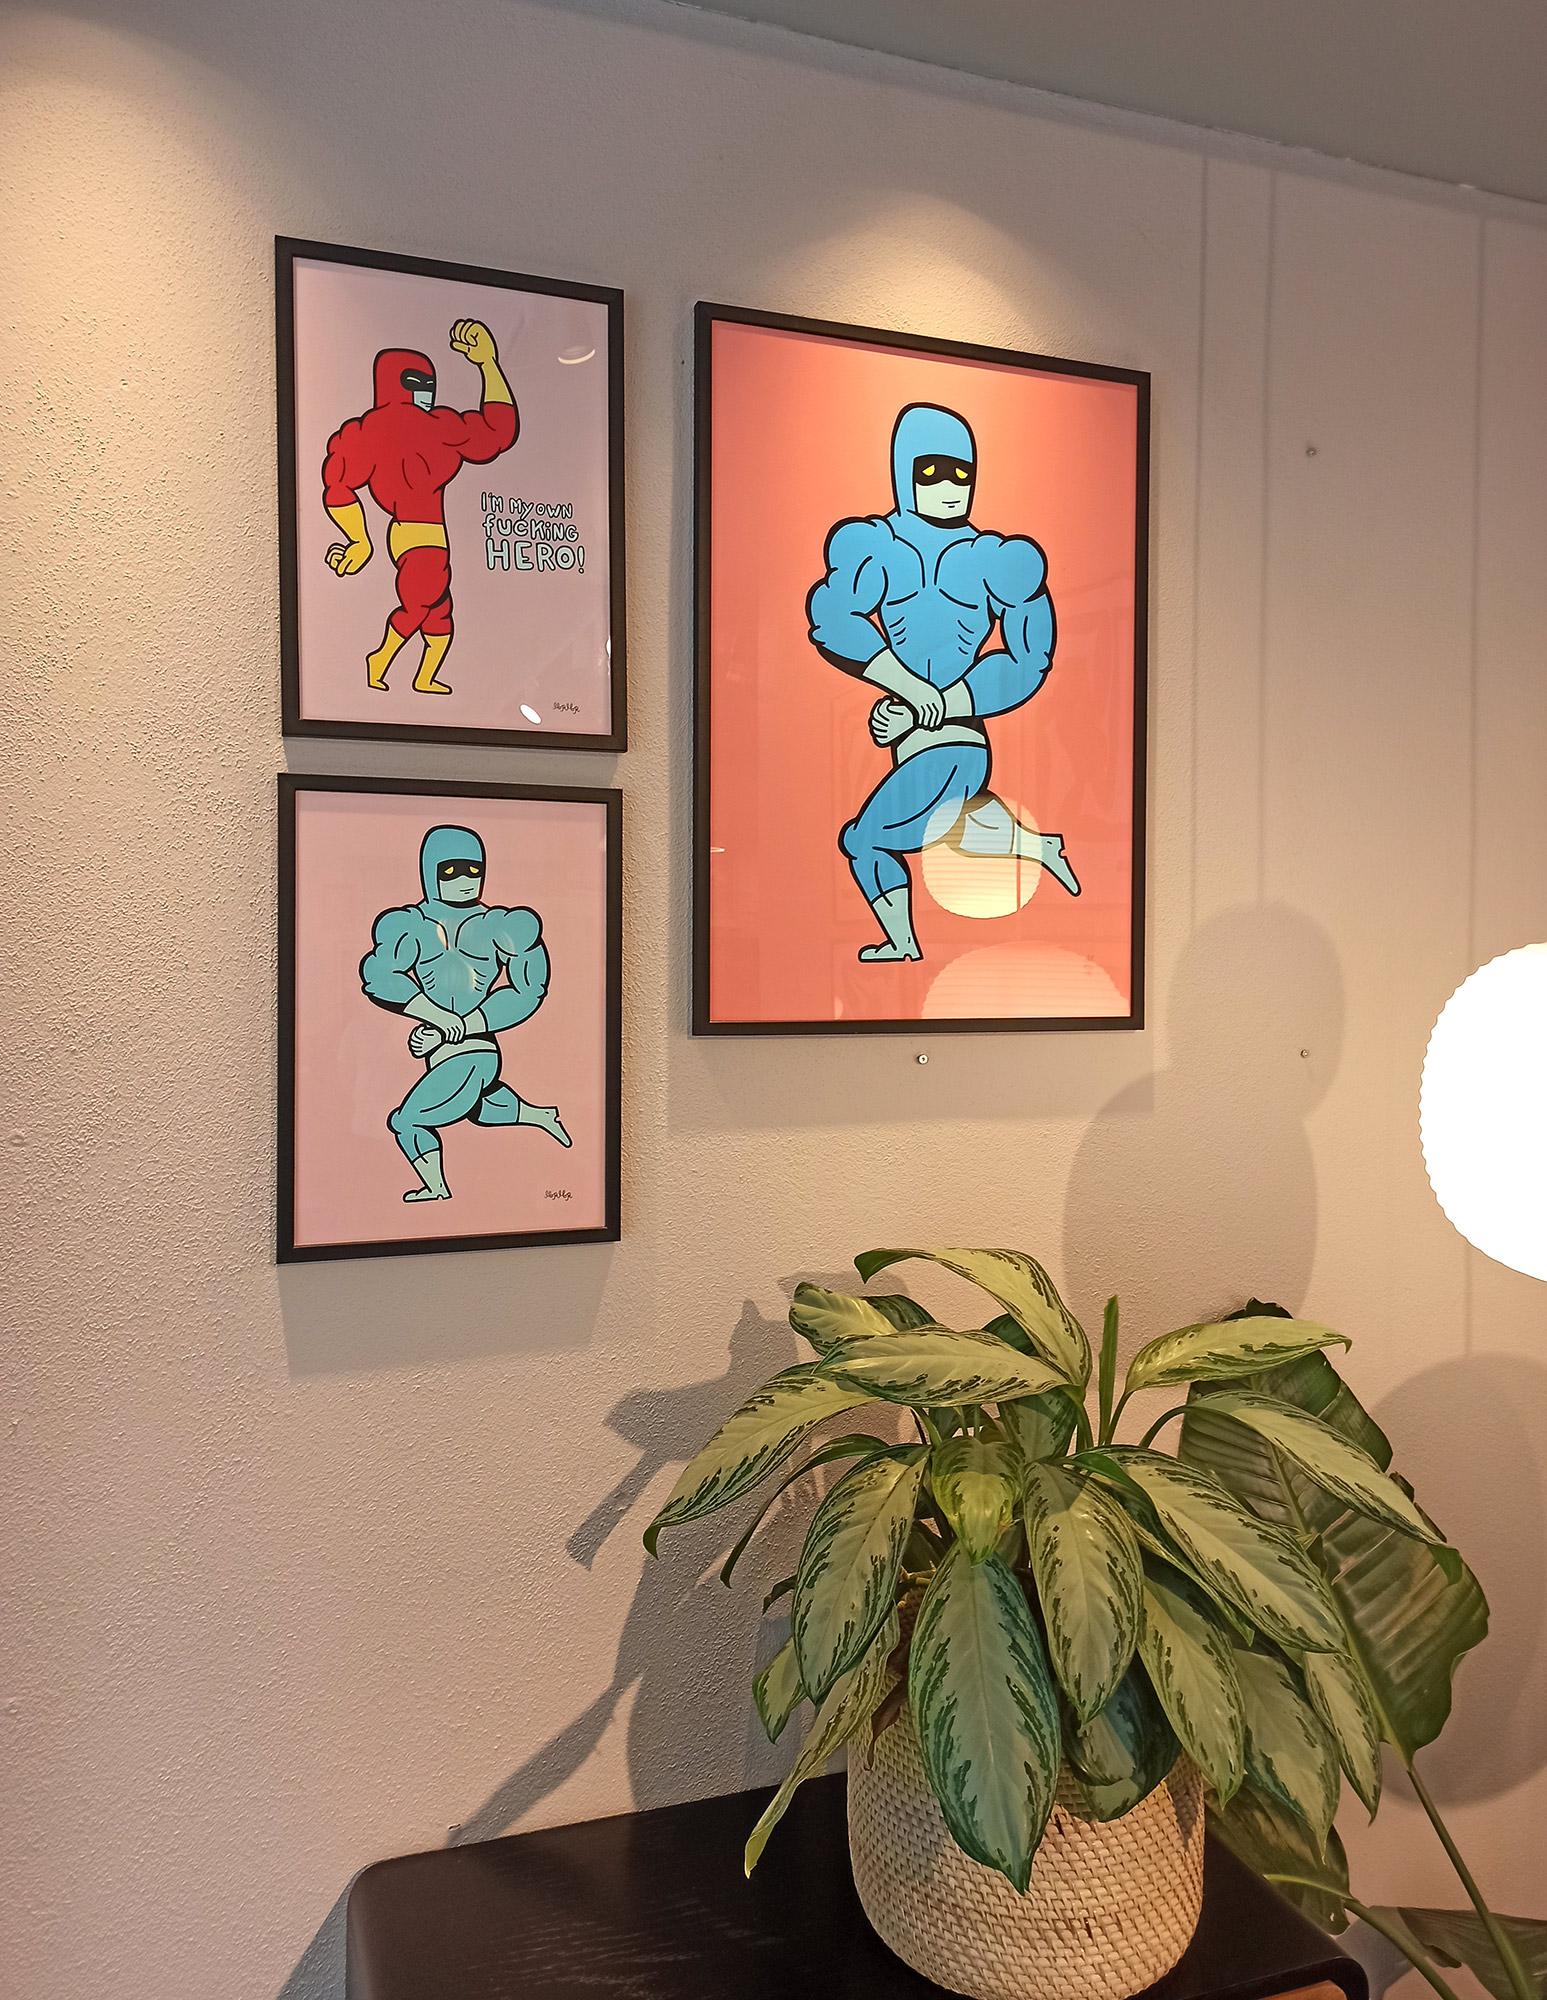 plakater-posters-kunsttryk, giclee-tryk, farverige, børnevenlige, figurative, illustrative, pop, kroppe, tegneserier, humor, mennesker, blå, pink, blæk, papir, sjove, drenge, samtidskunst, københavn, dansk, dekorative, design, interiør, bolig-indretning, moderne, moderne-kunst, nordisk, pop-art, plakater, tryk, skandinavisk, street-art, Køb original kunst og kunstplakater. Malerier, tegninger, limited edition kunsttryk & plakater af dygtige kunstnere.